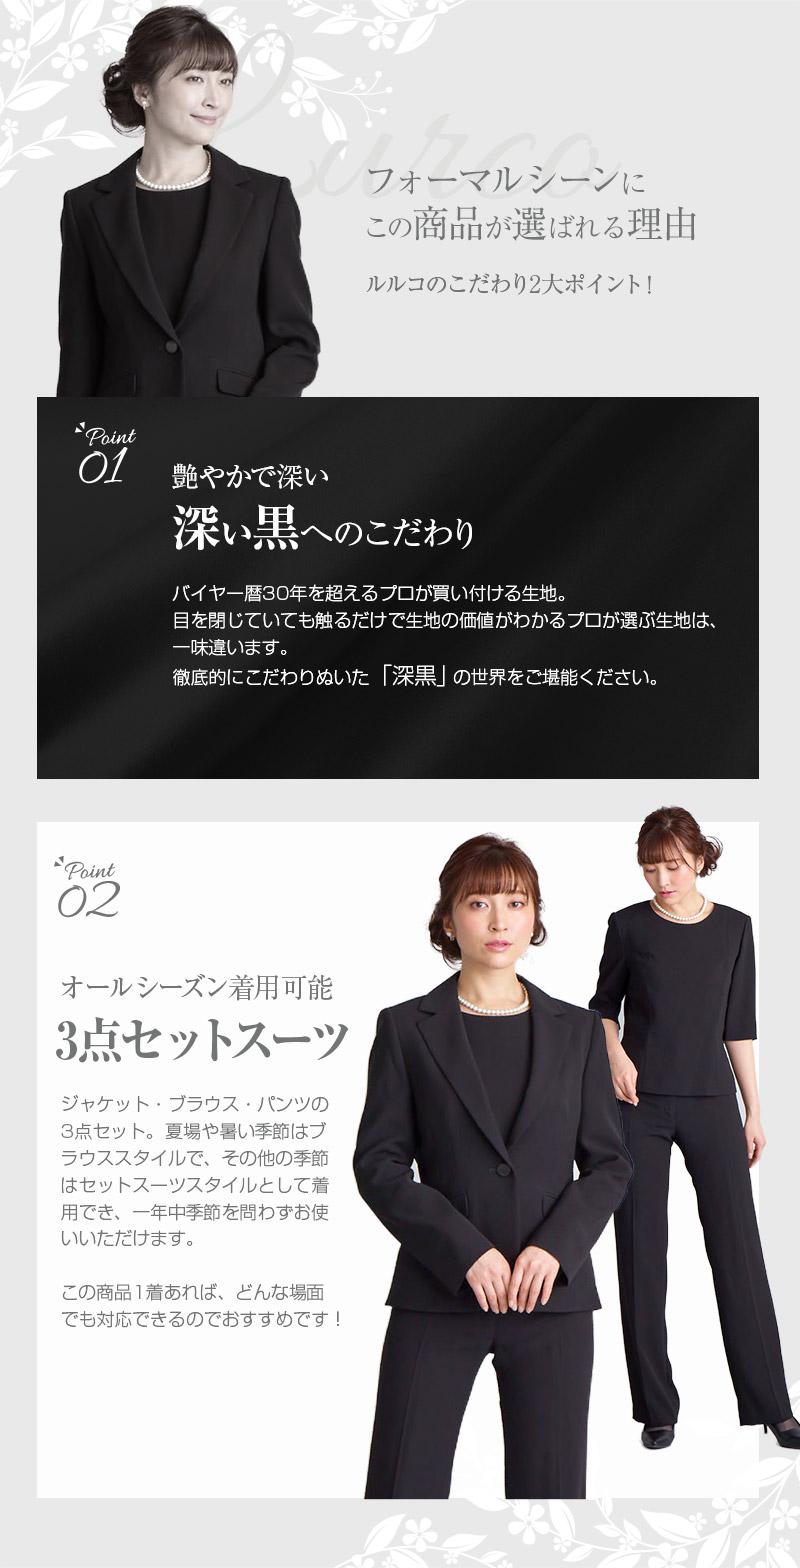 ブラックフォーマルアンサンブル(喪服 礼服)商品画像5